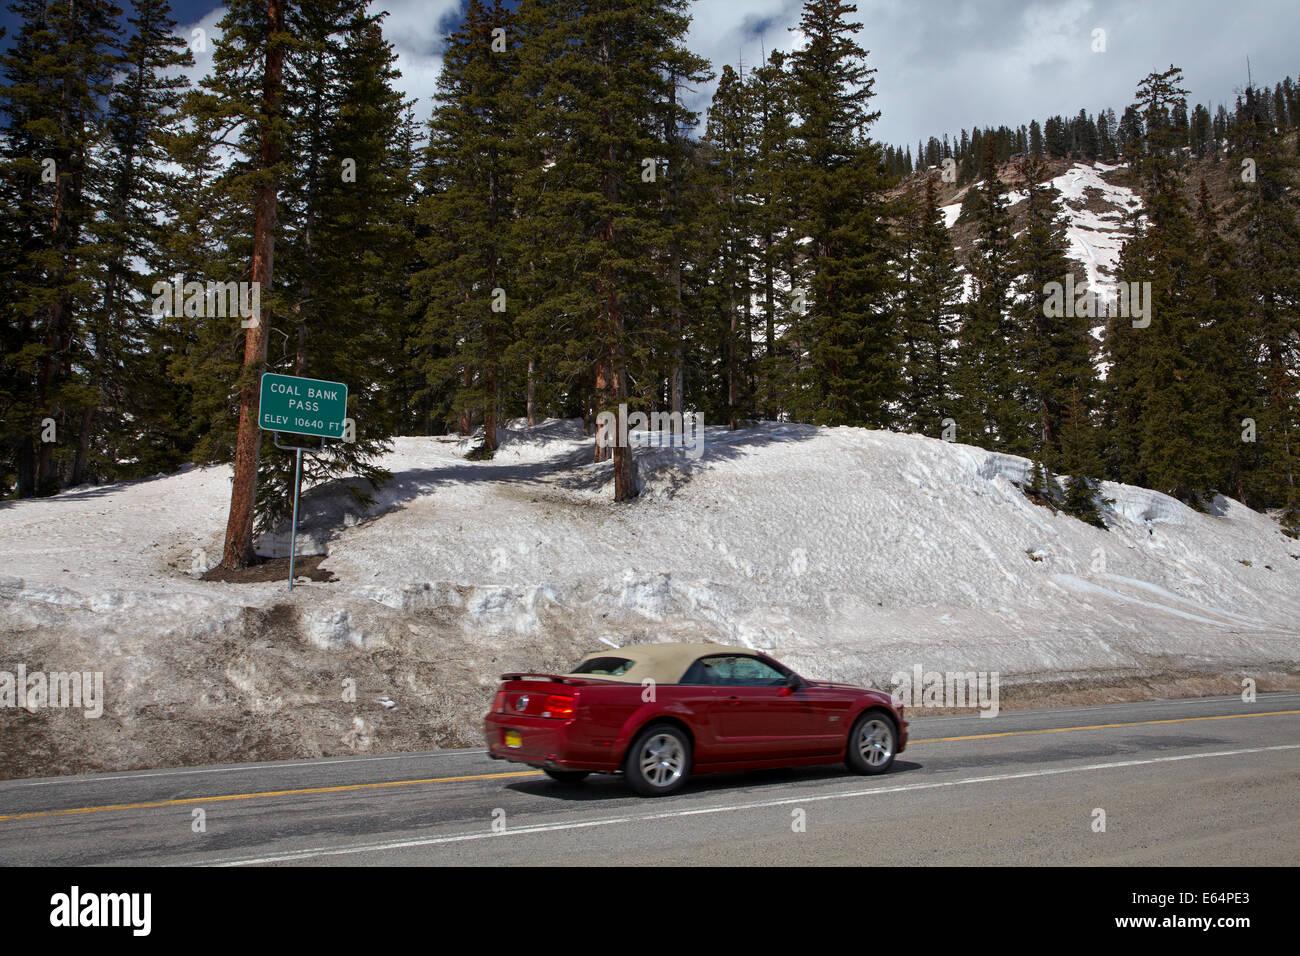 Mustang convertible at summit of Coal Bank Pass (10,640 ft./3243 m), US 550, San Juan Skyway, Colorado, USA - Stock Image